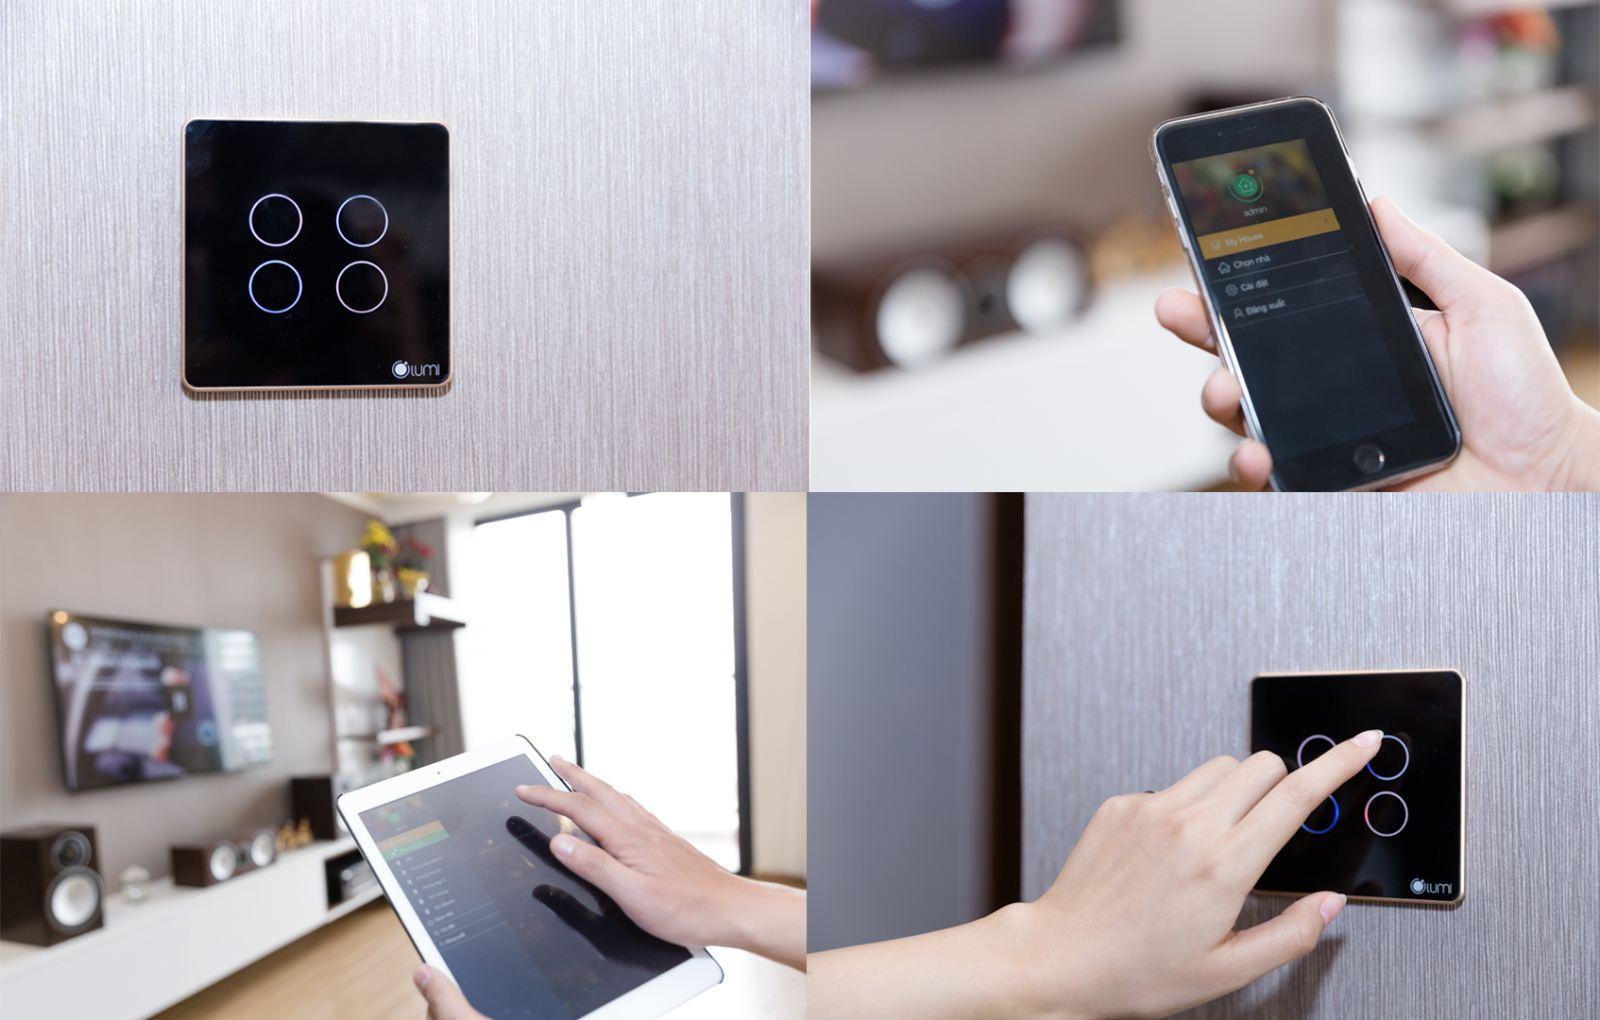 Điện thông minh Nghệ An chiếm lĩnh thị trường - PHONG VŨ NGHỆ AN